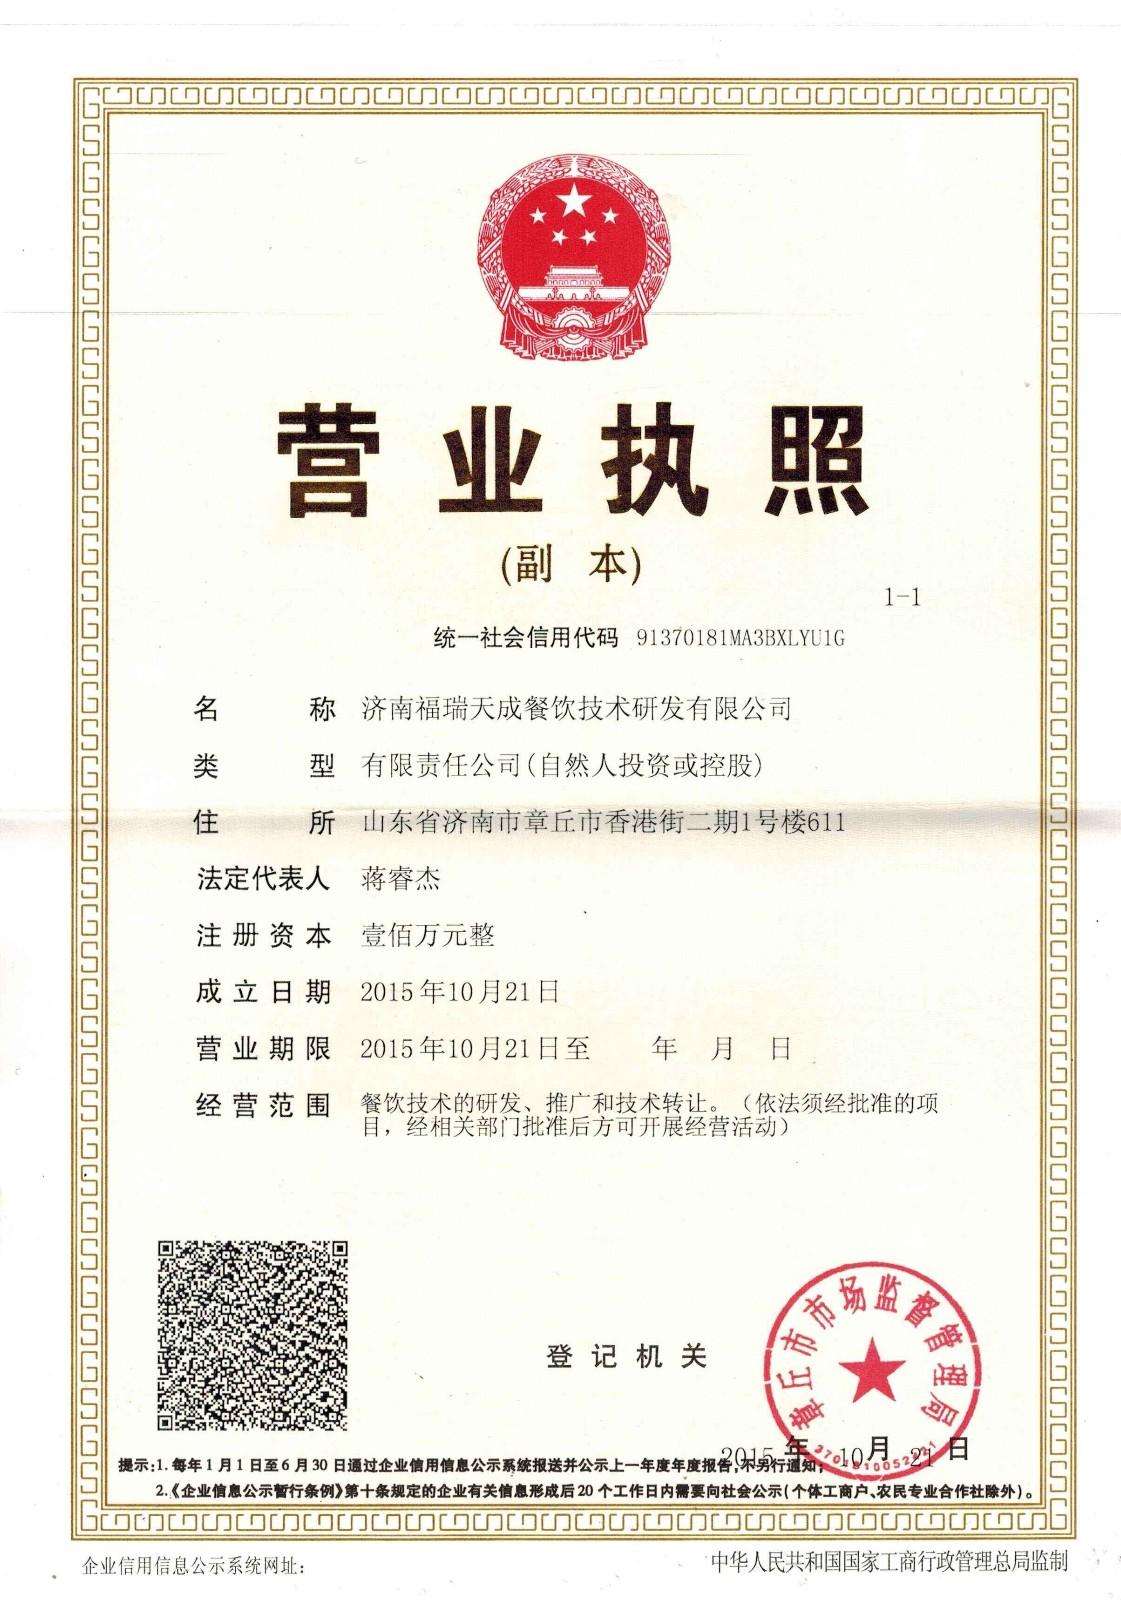 济南福瑞天成餐饮技术研发公司